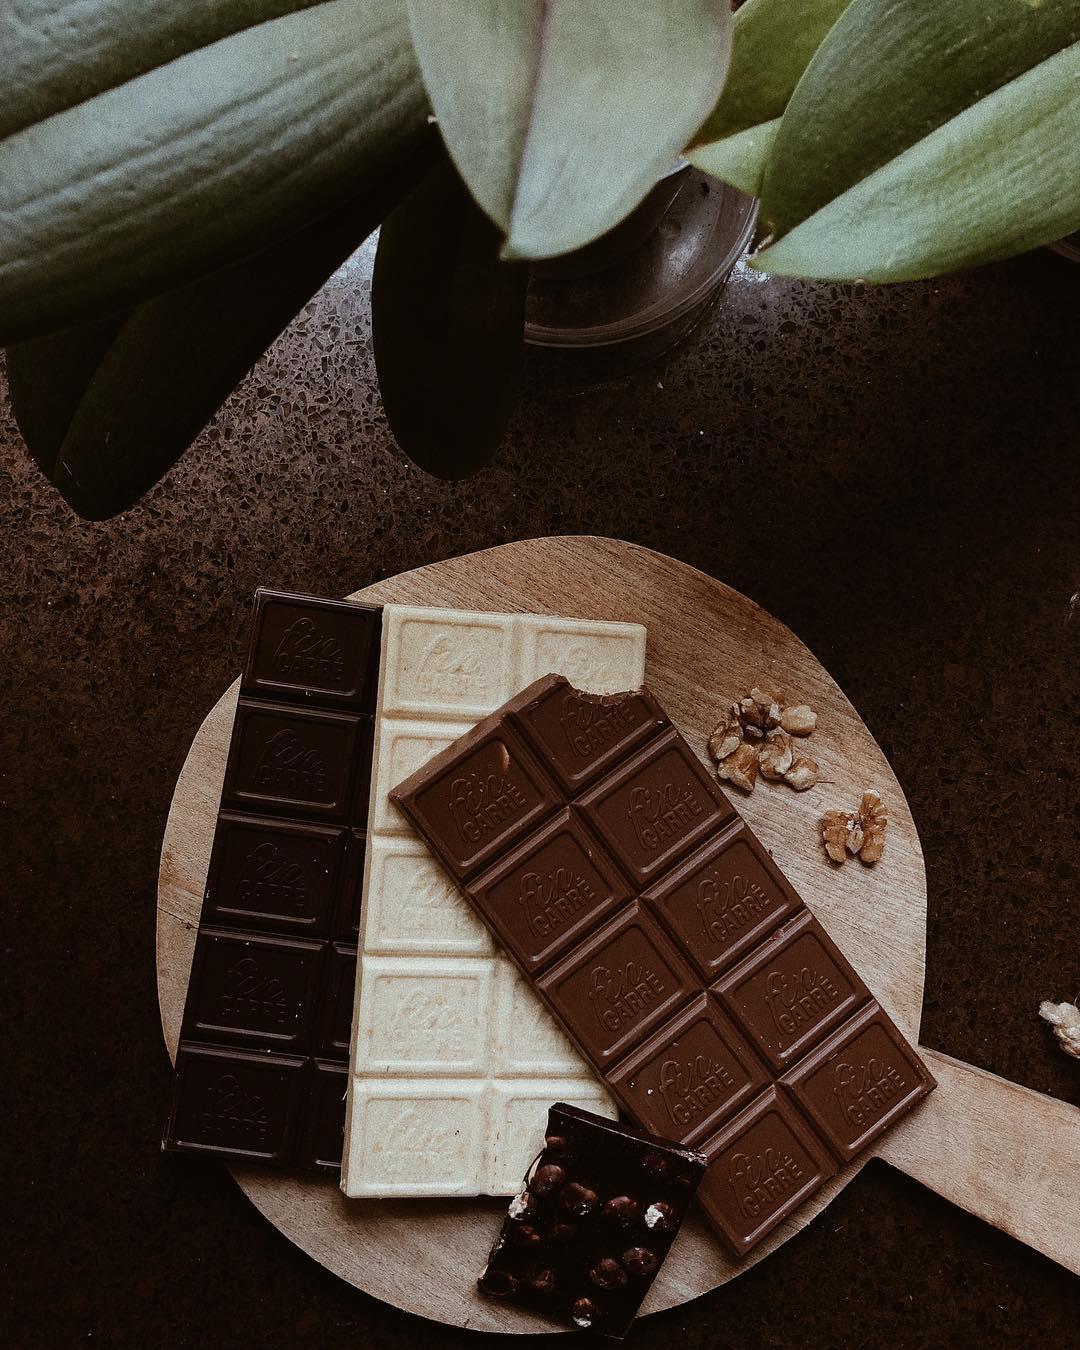 Sweet life? ¿Alguien por aquí peca de vez en cuando? #fenomenolidl #fincarre #chocolat @lidlespana